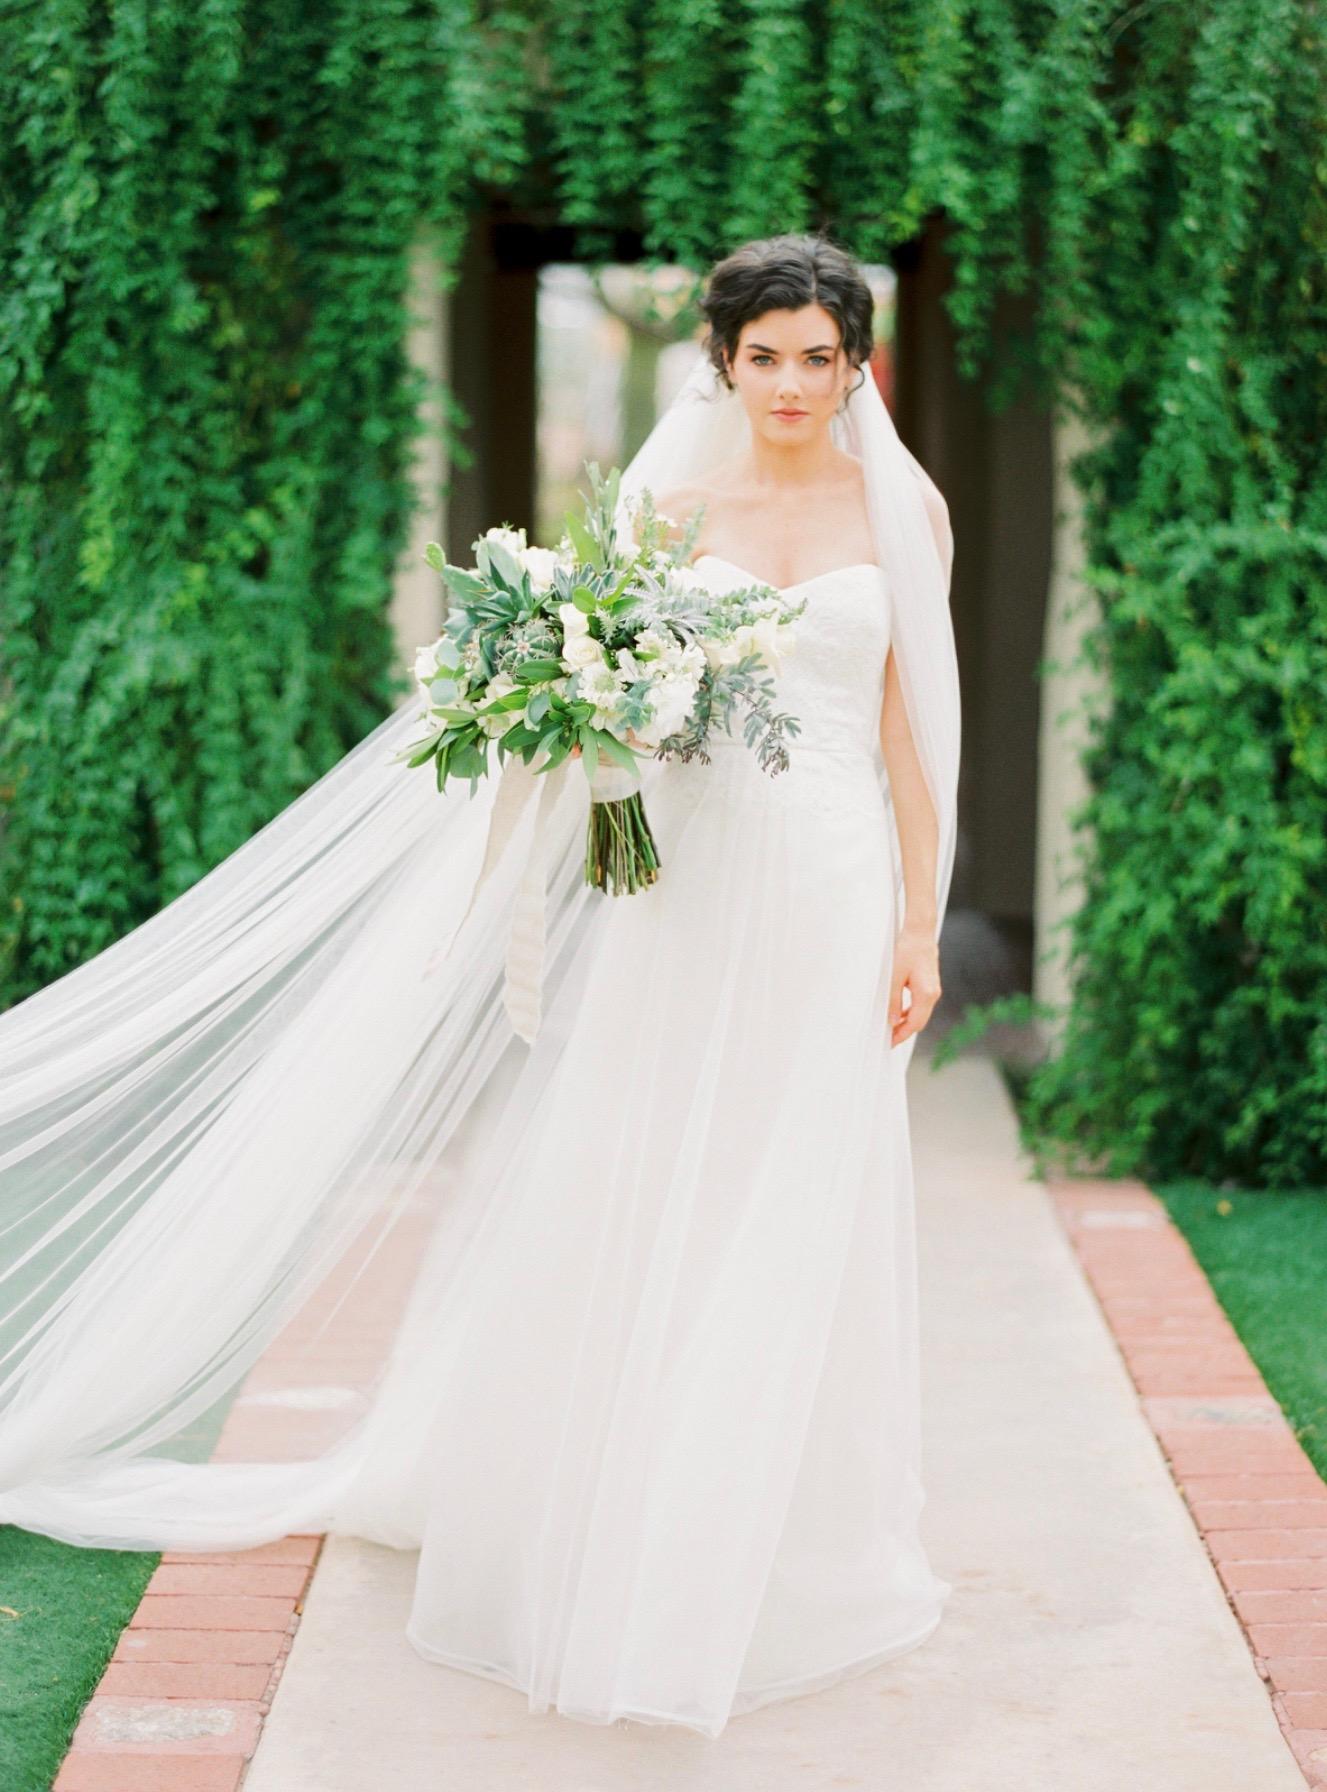 Marie gown in Arizona photoshoot by Atelier de LaFleur